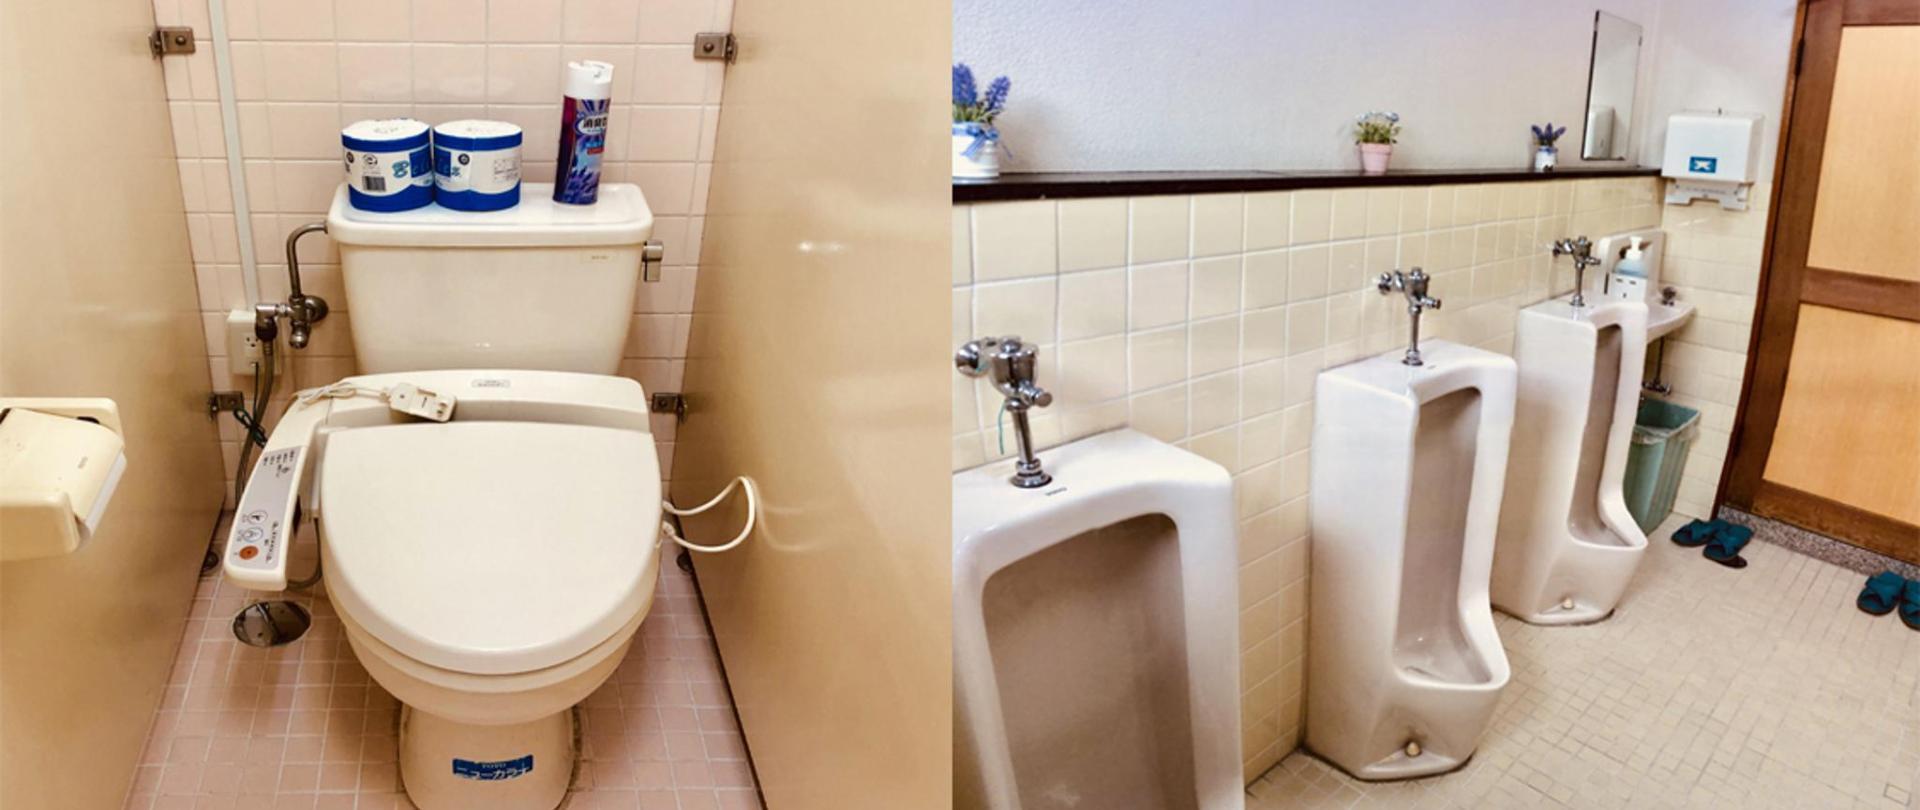 公共洗手间.jpg